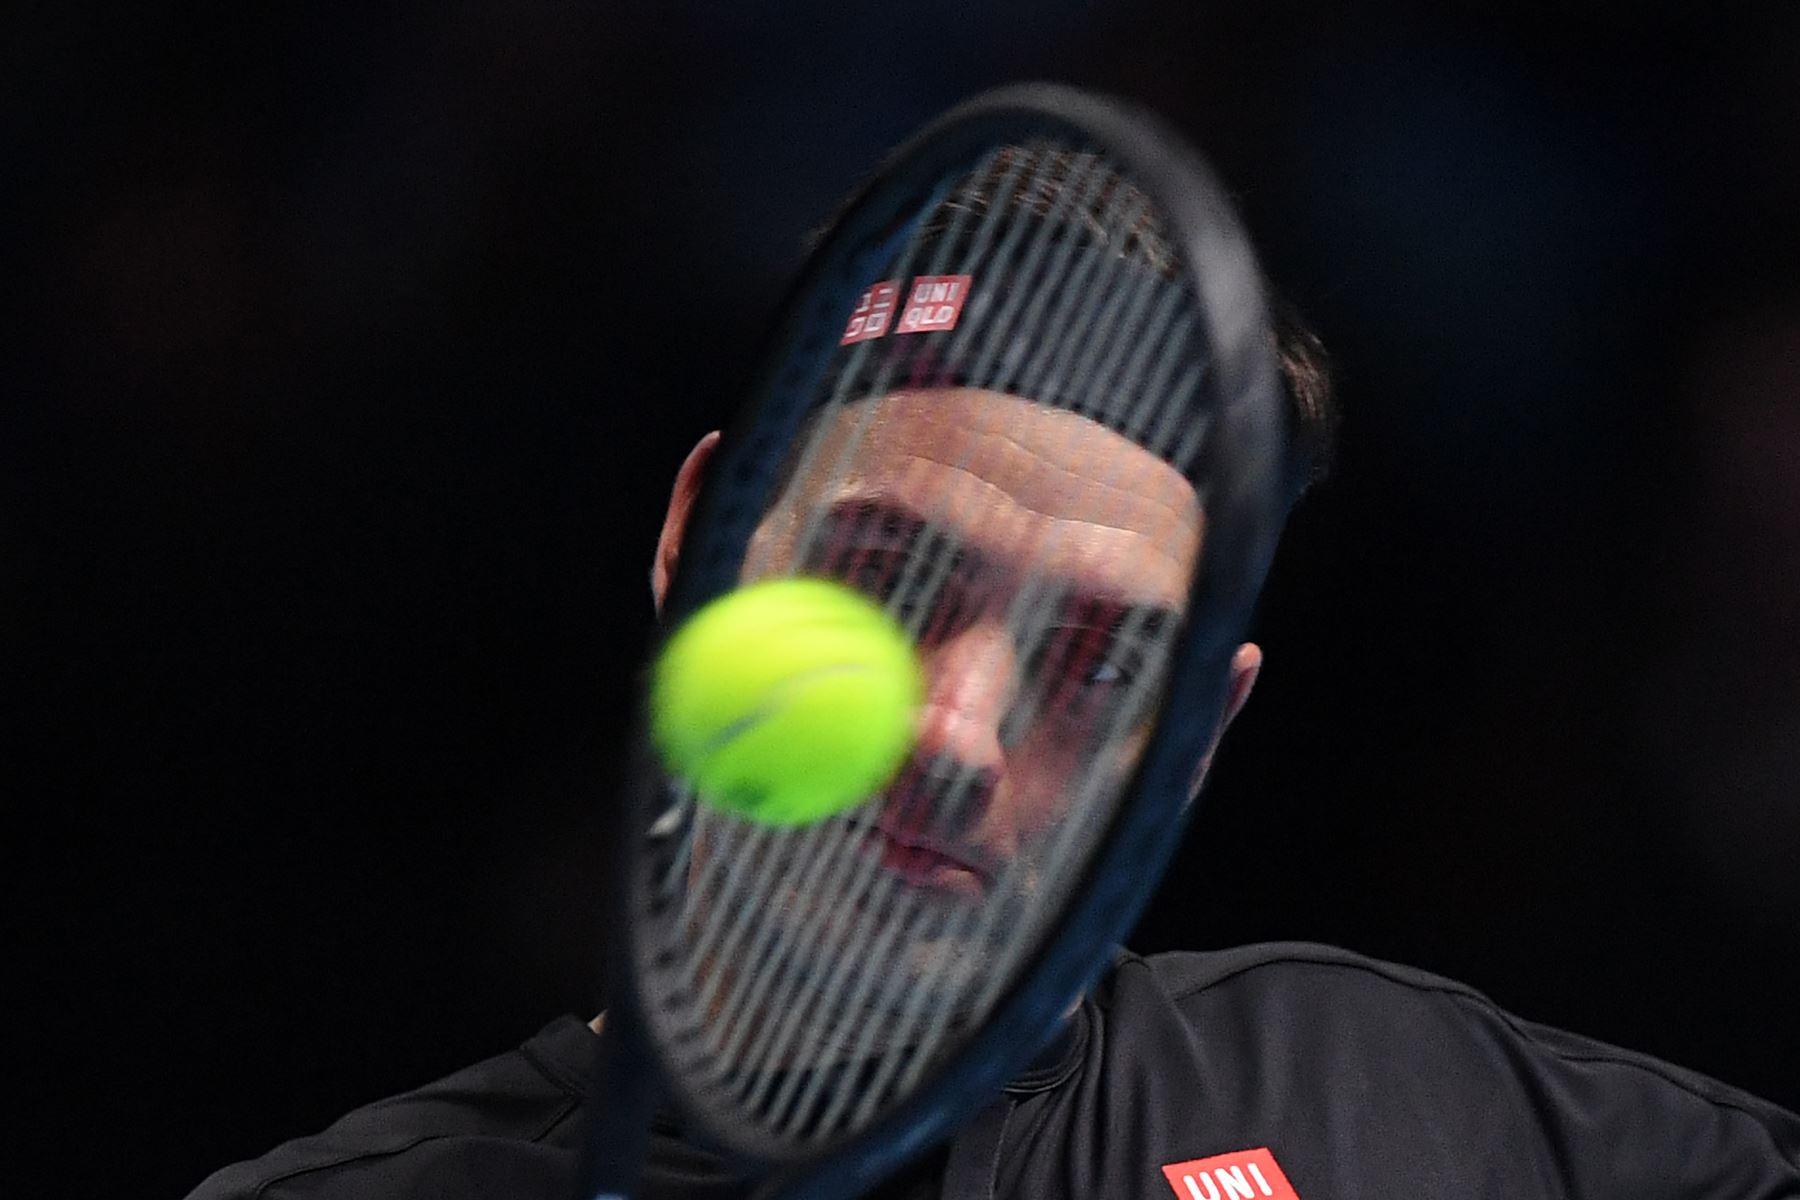 El suizo Roger Federer se enfrenta al griego Stefanos Tsitsipas durante el partido de semifinales de individuales masculinos en el  torneo de tenis ATP World Tour Finals en el O2 Arena en Londres. Foto: AFP